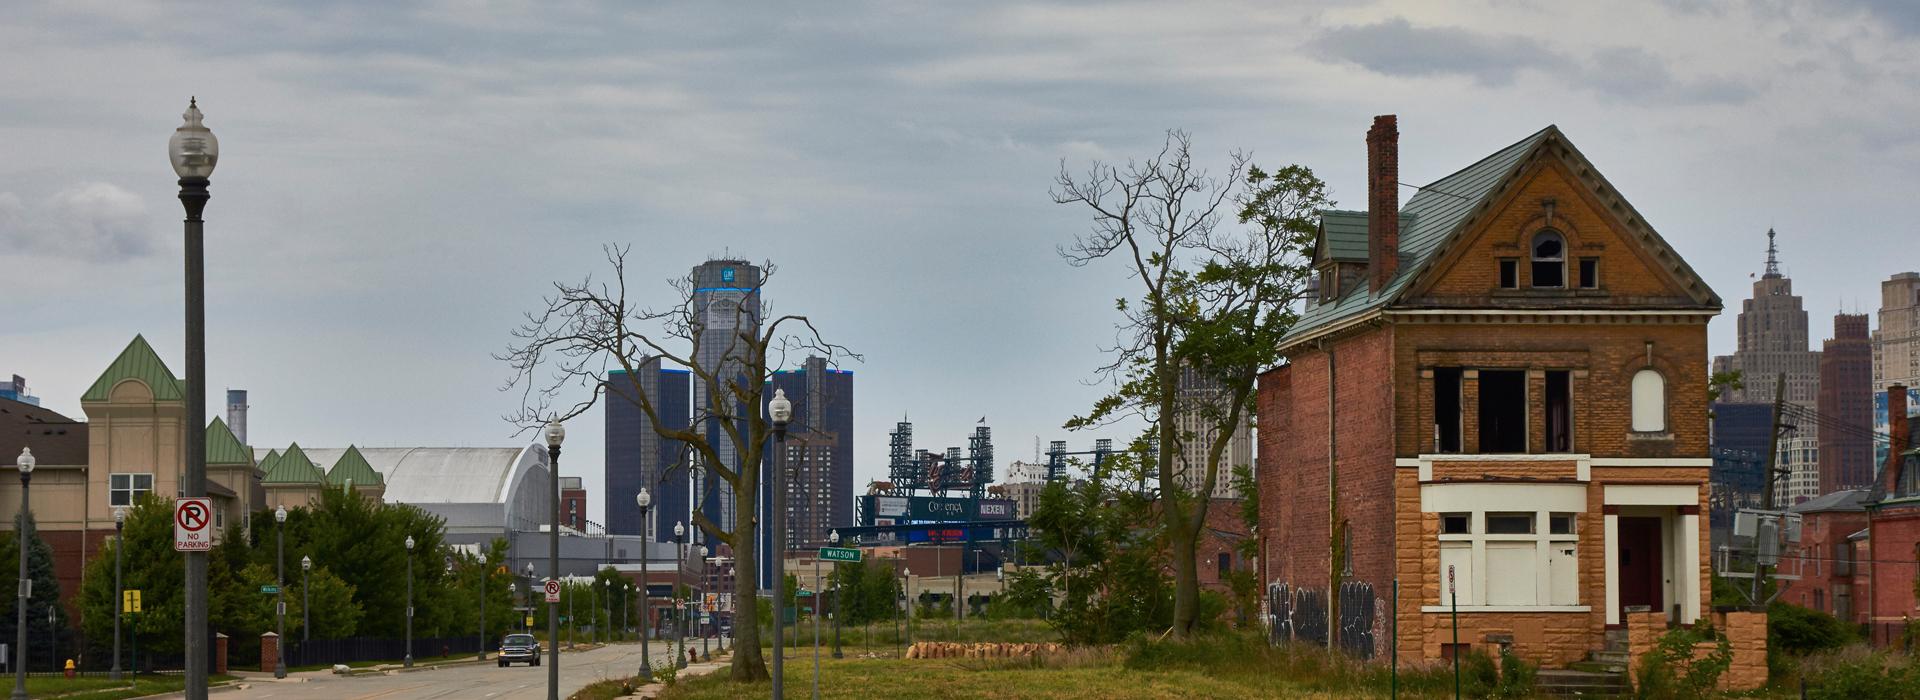 Detroit – die Stadt mit schlechtem Ruf aber viel gemeinschaftlichem Denken